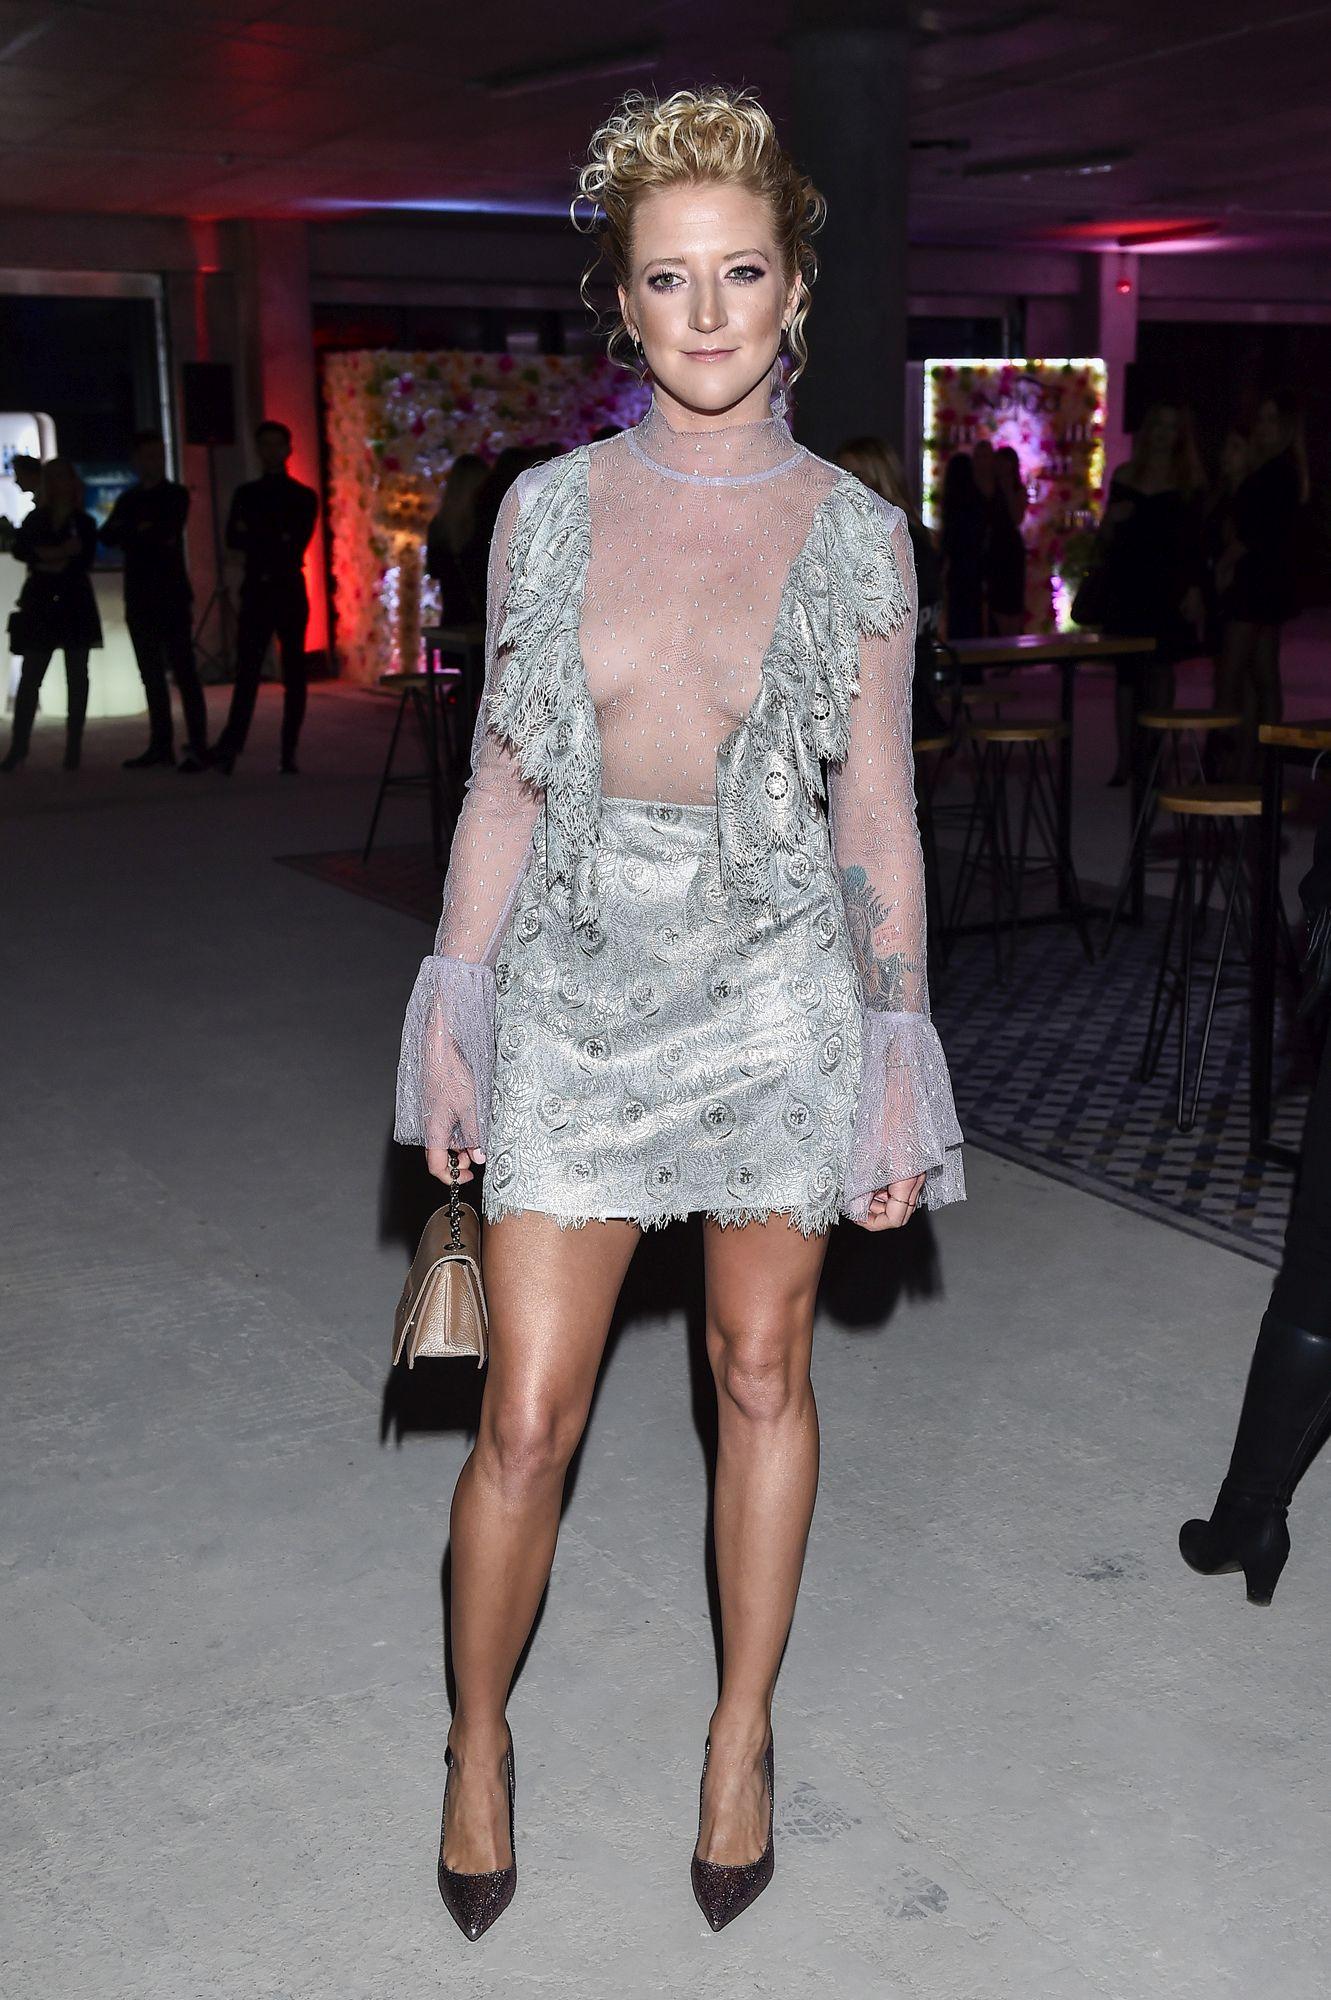 Lara Gessler w odważnej stylizacji na pokazie mody. Wygląda jak modelka?